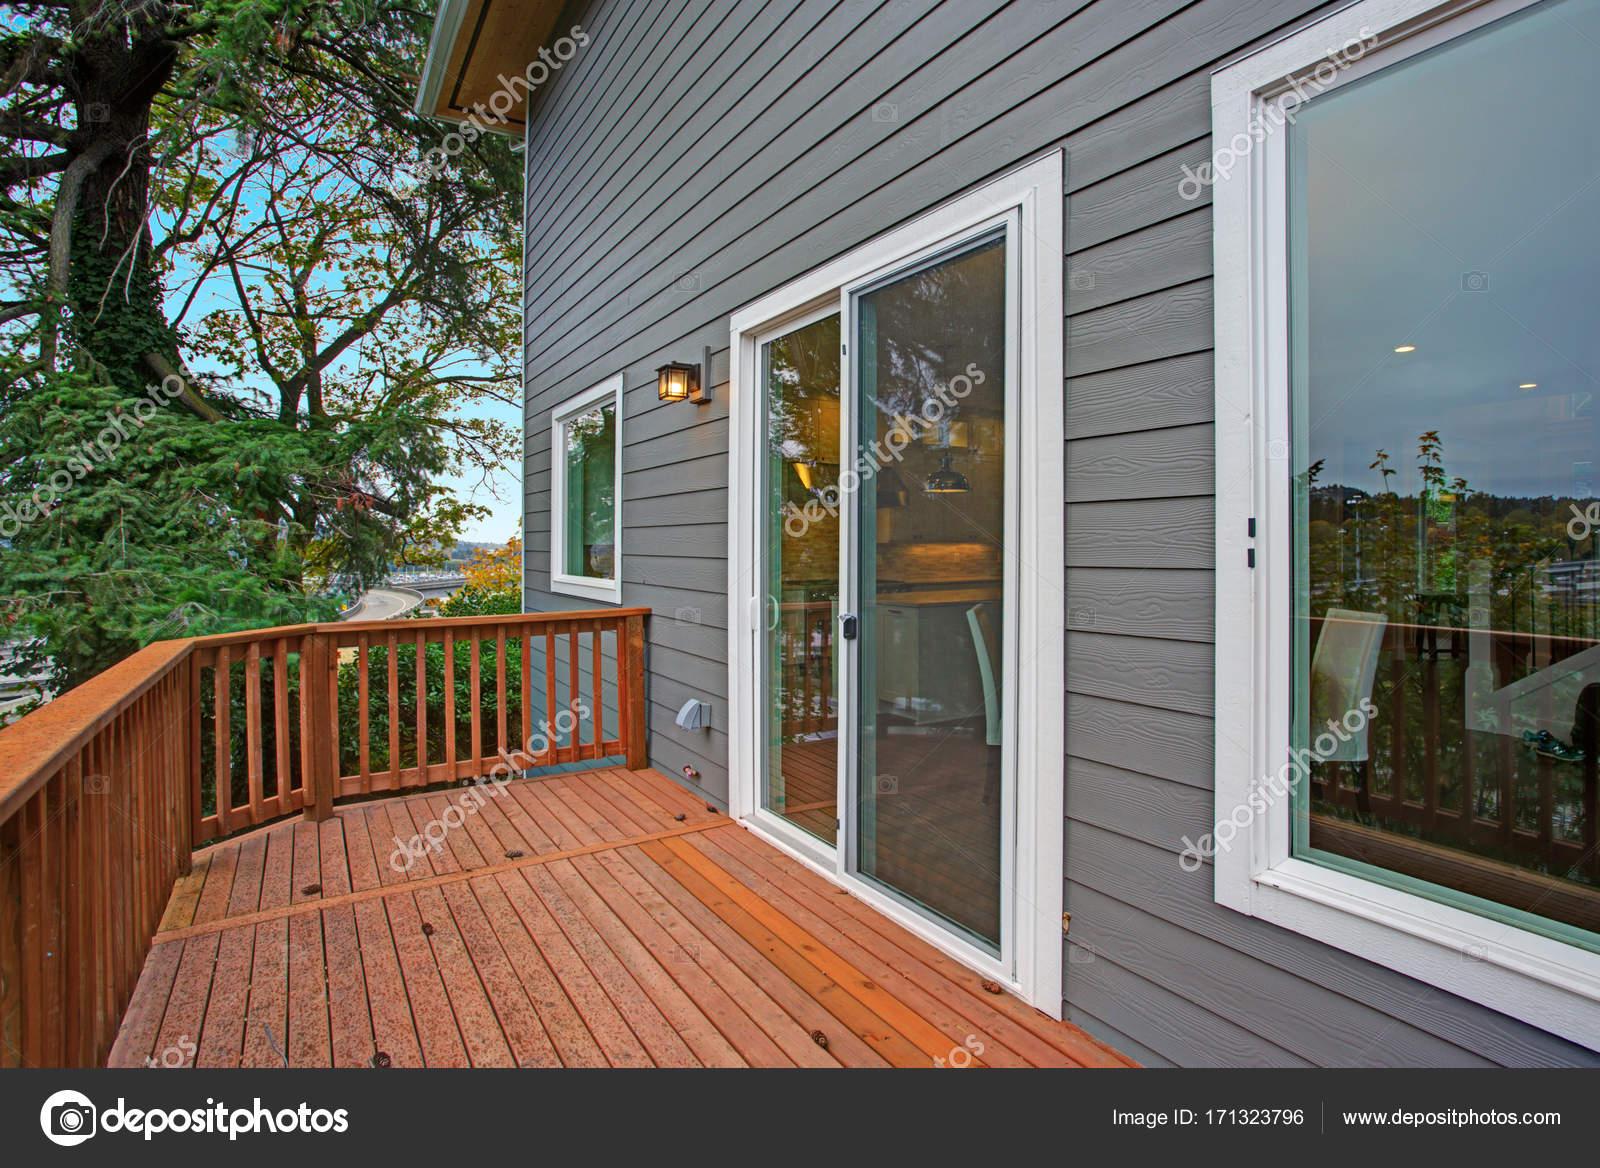 Barandilla madera exterior finest interesting great - Barandilla madera exterior ...